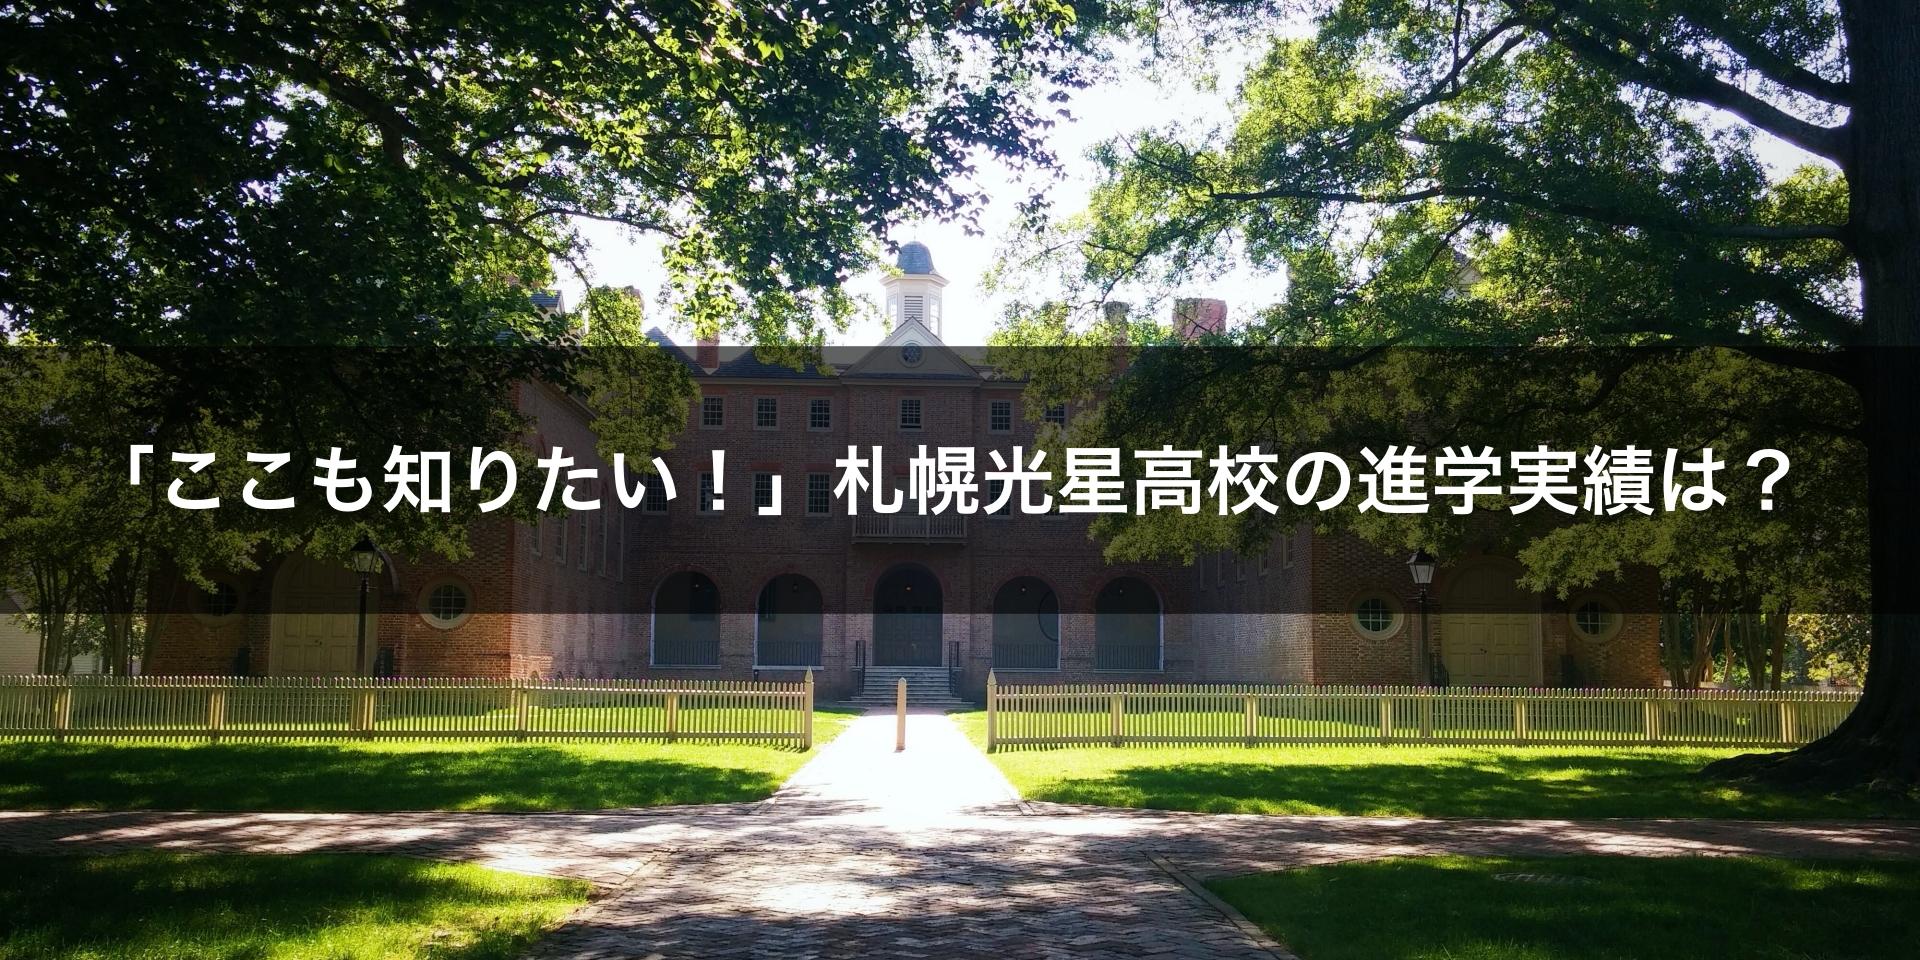 札幌光星高校の進学実績は?